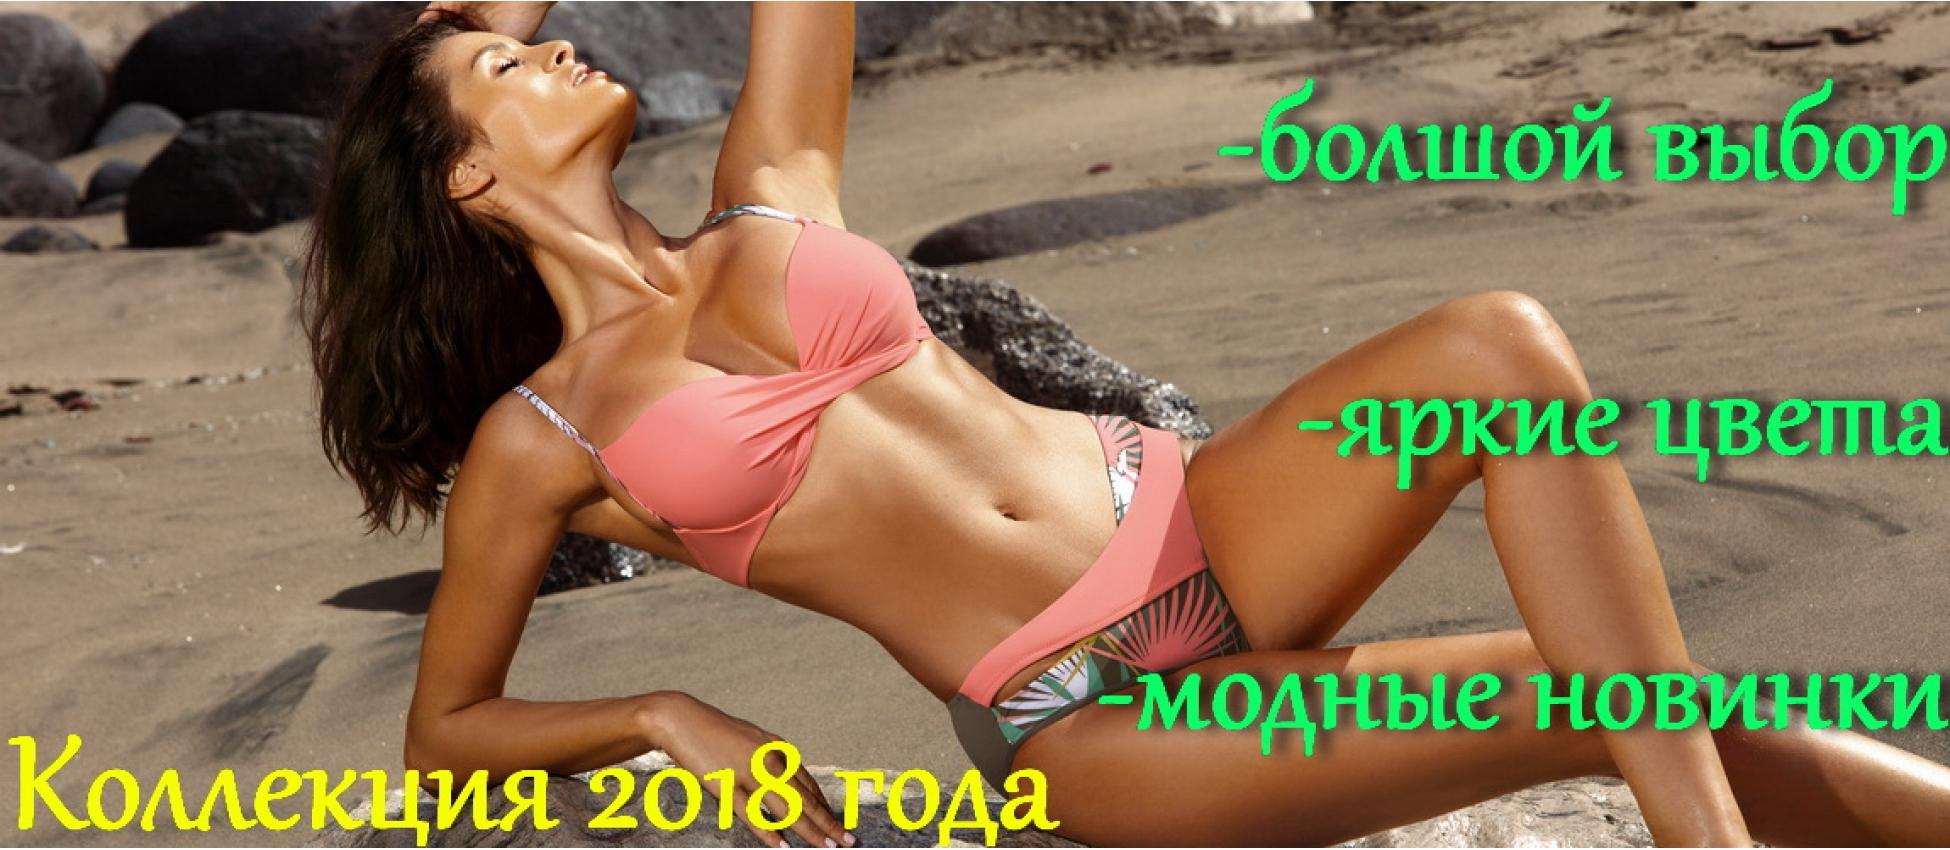 madlola.com.ua - магазин купальников, нижнего белья и одежды 79bcb40010c